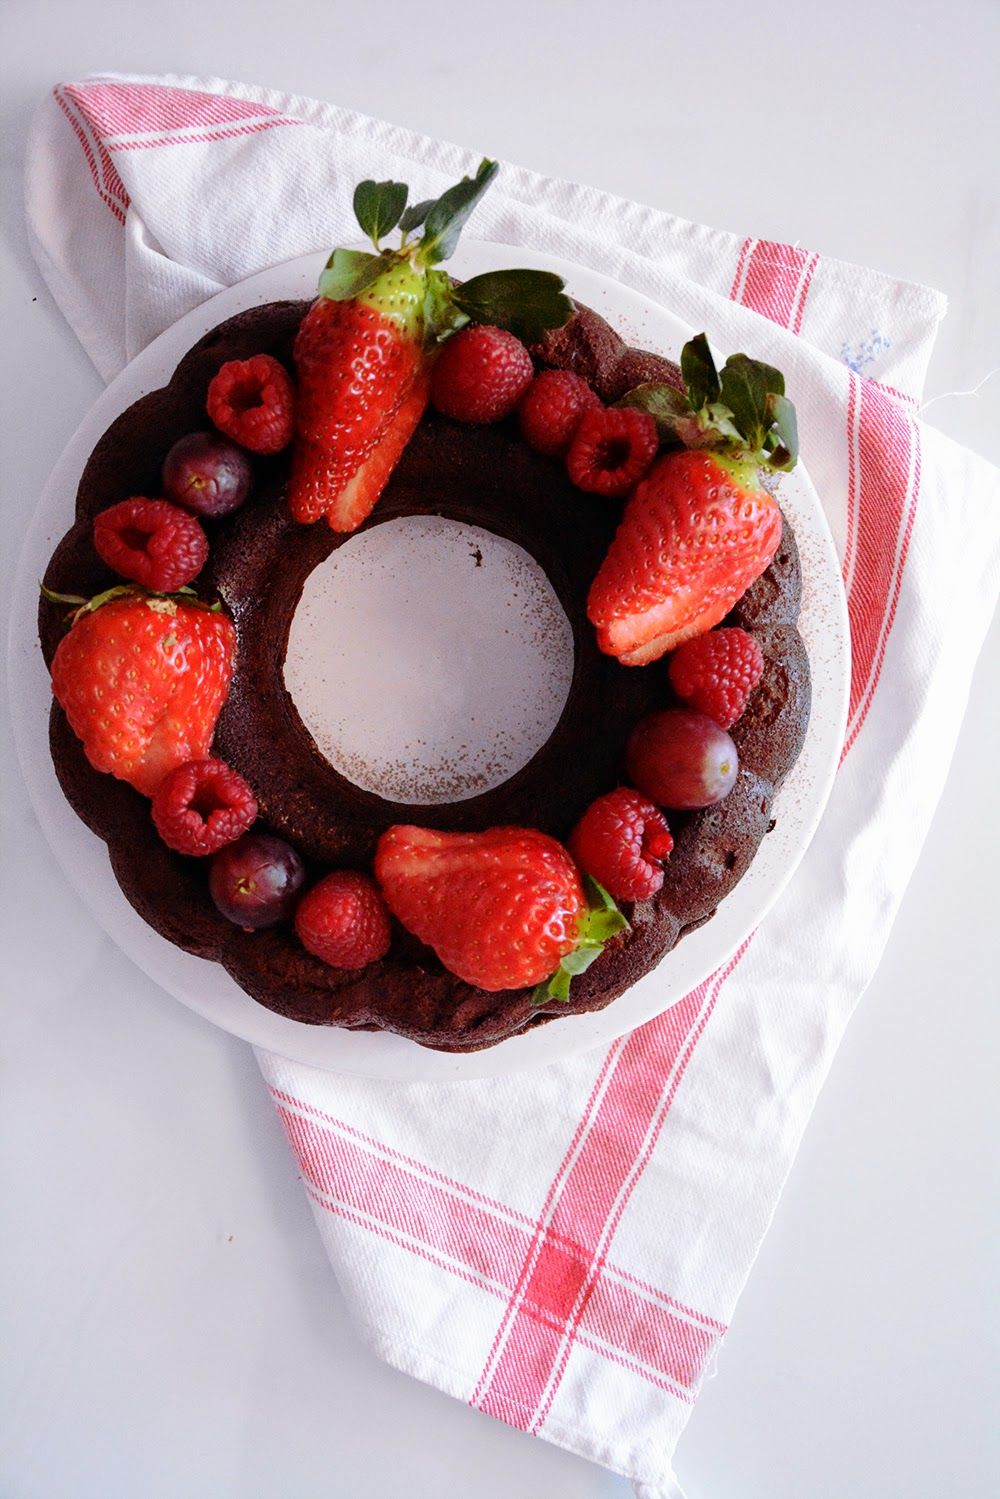 Cheseecake de chocolate receta f cil y r pida las maria - Reposteria facil y rapida ...